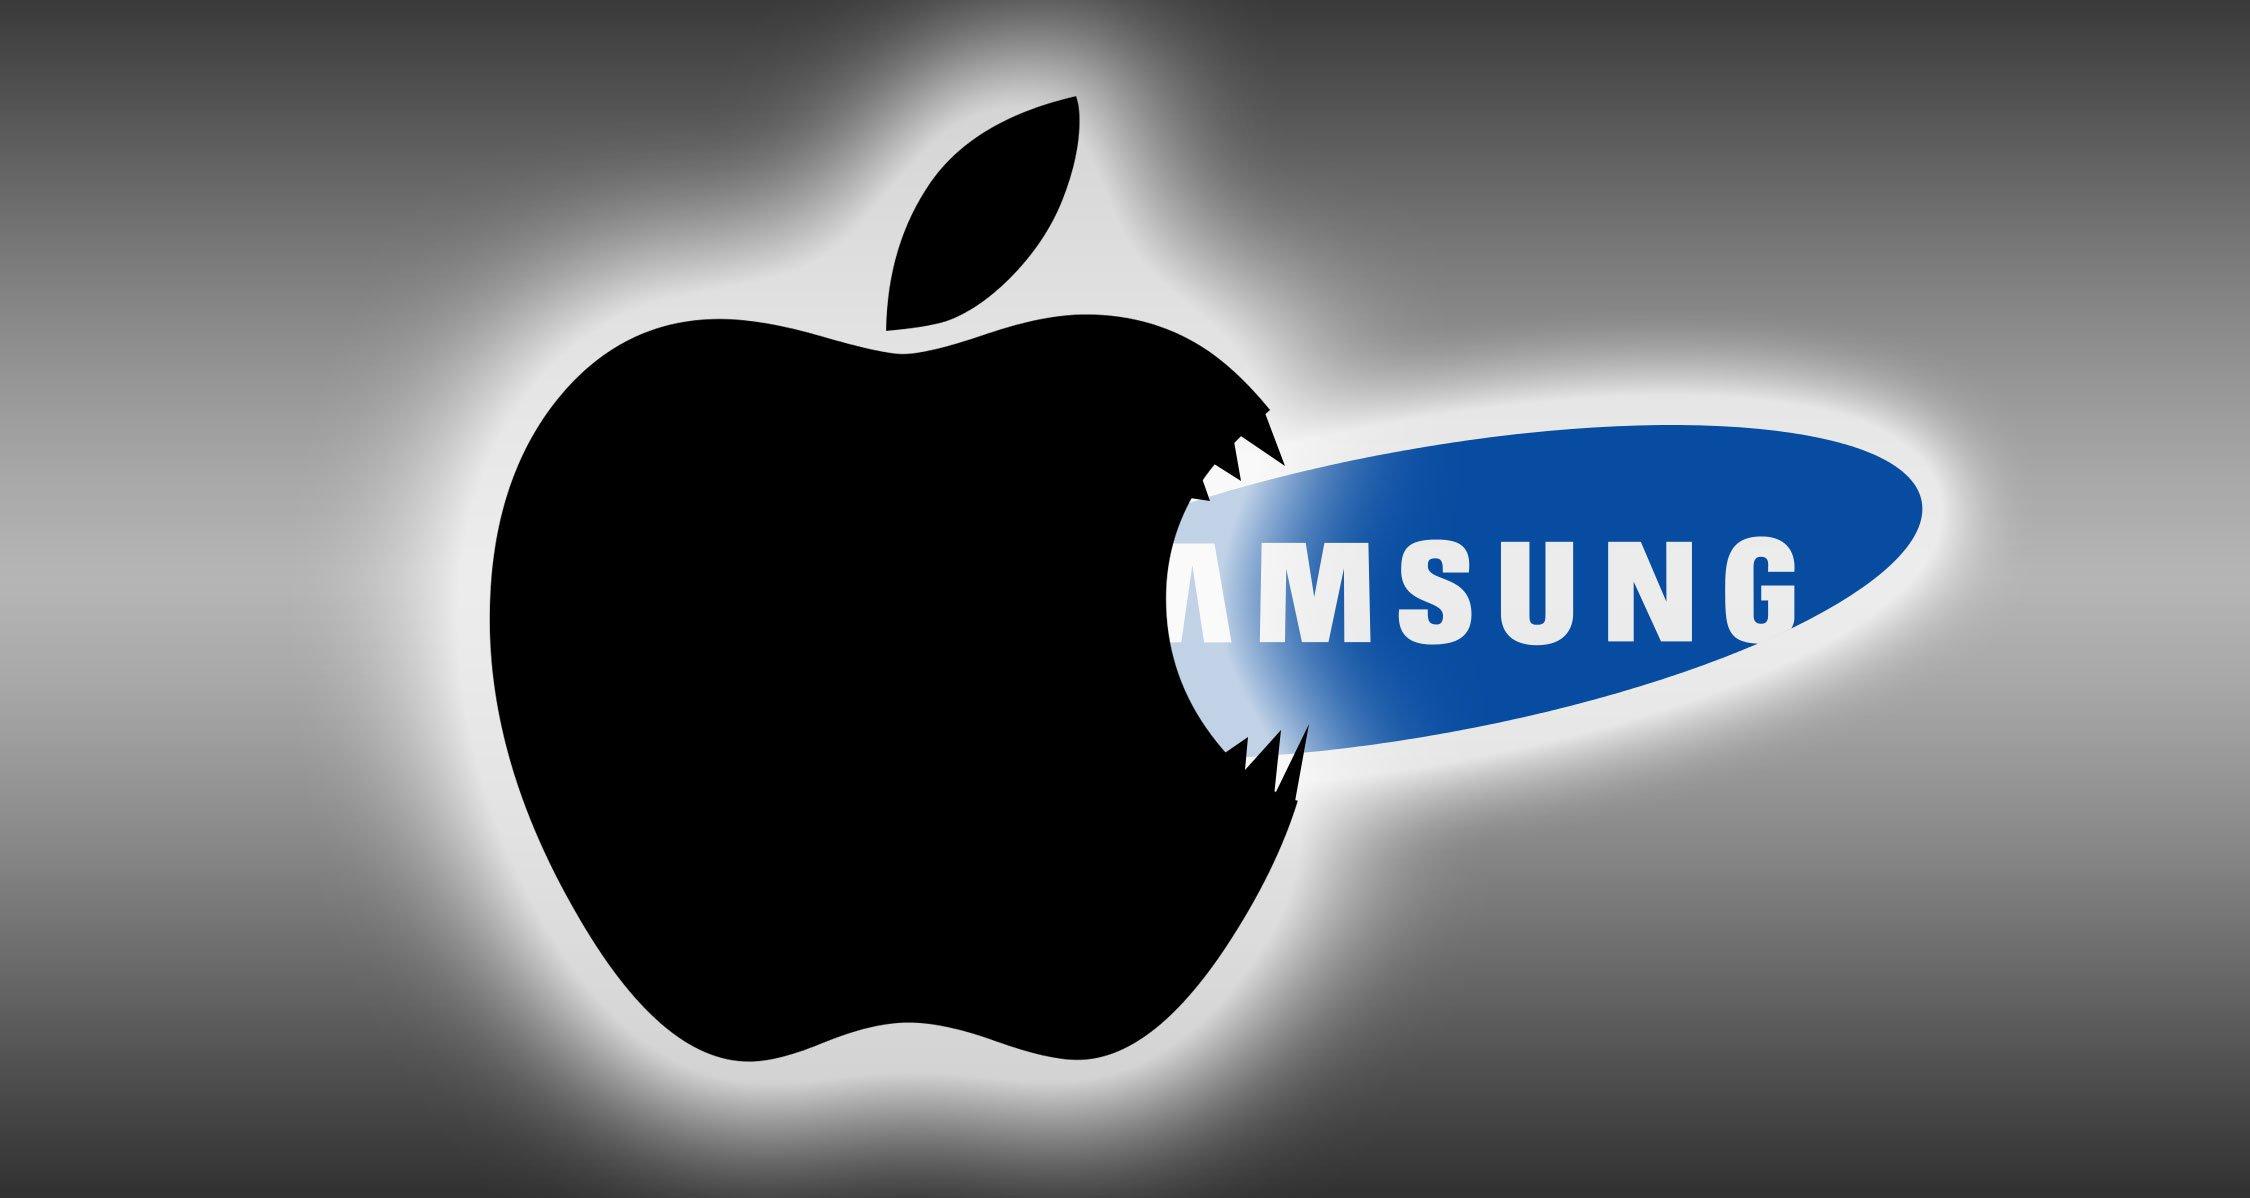 Apple gewinnt erneut! Samsung, zur Kasse bitte! 3